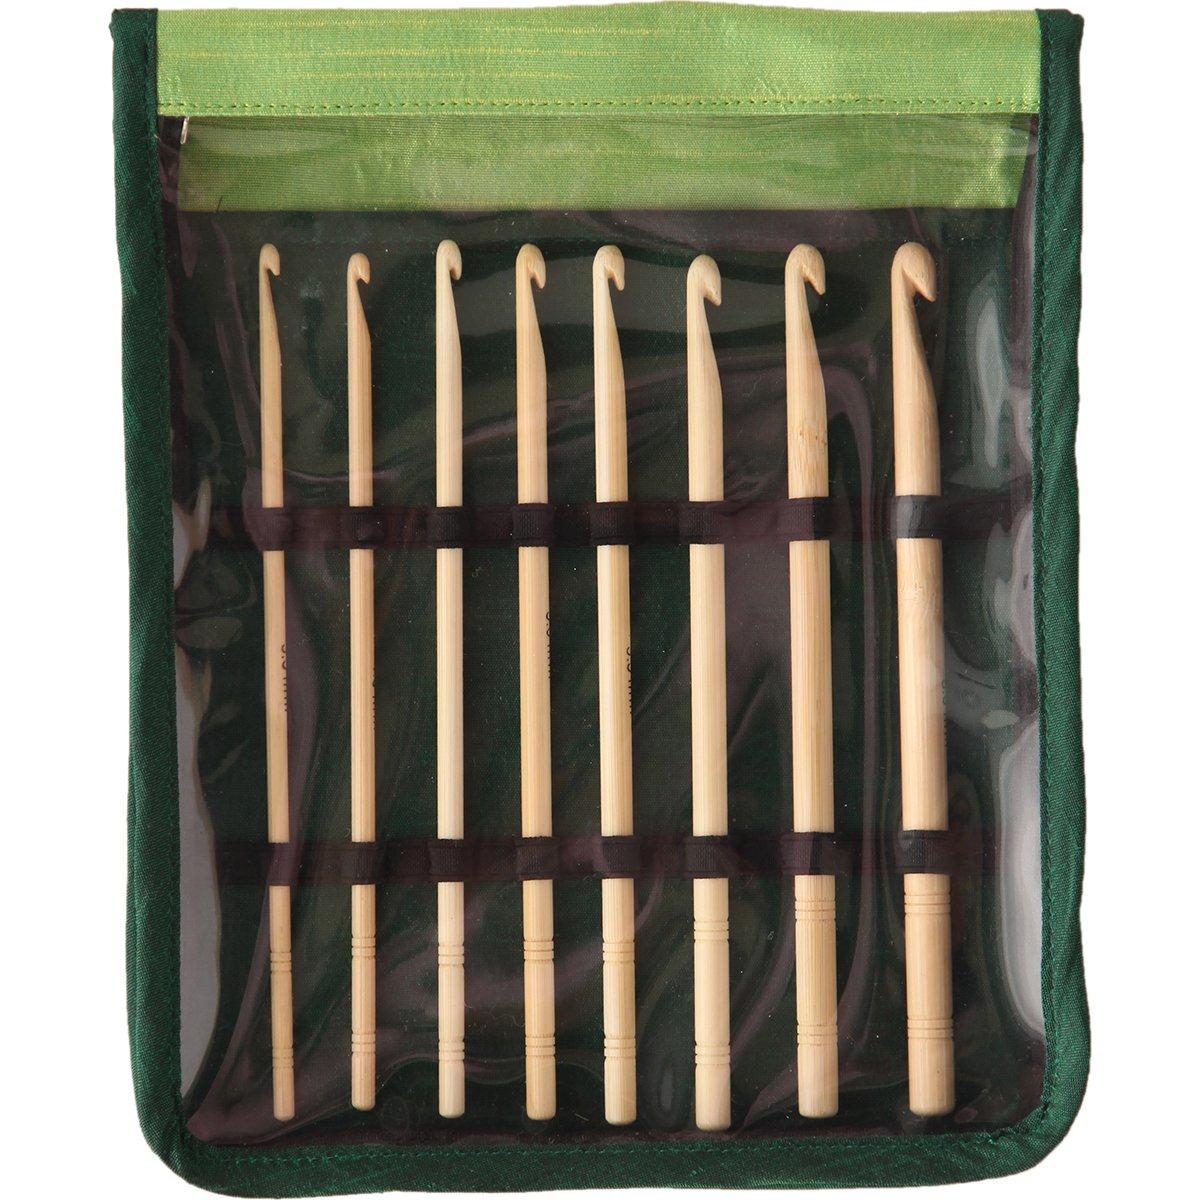 Knitter's Pride KP900585 Bamboo Single Ended Crochet Hook Set